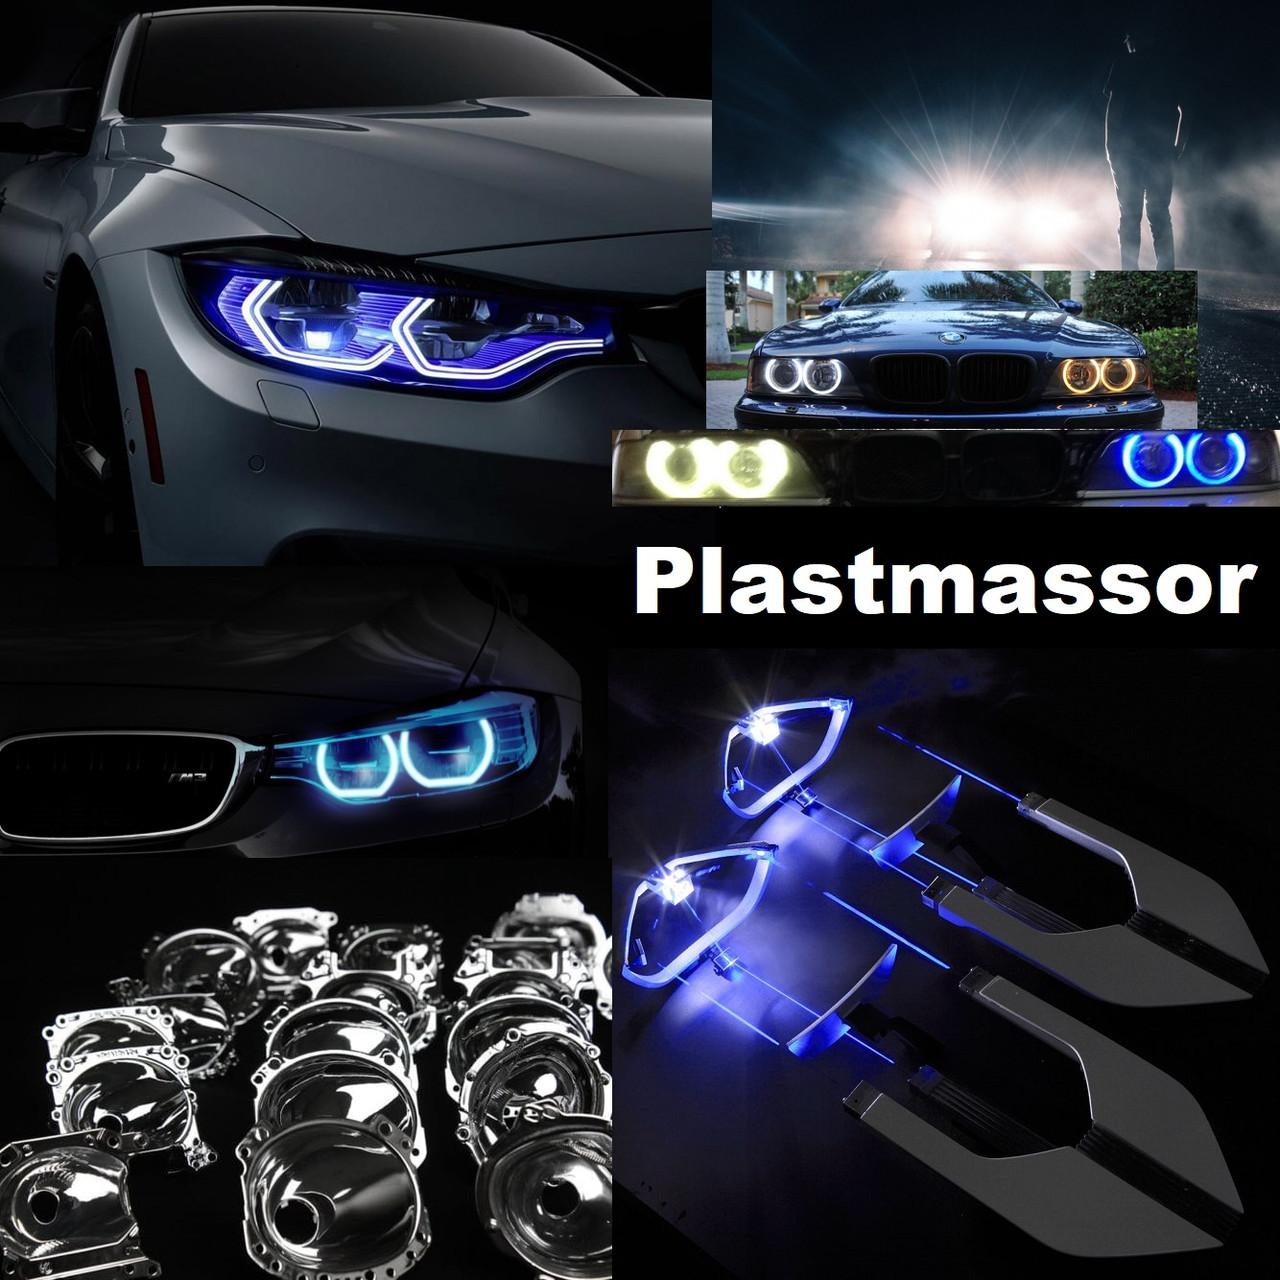 Ремонт Plastmassor вакуумная металлизация восстановление отражателей фар Koenigsegg